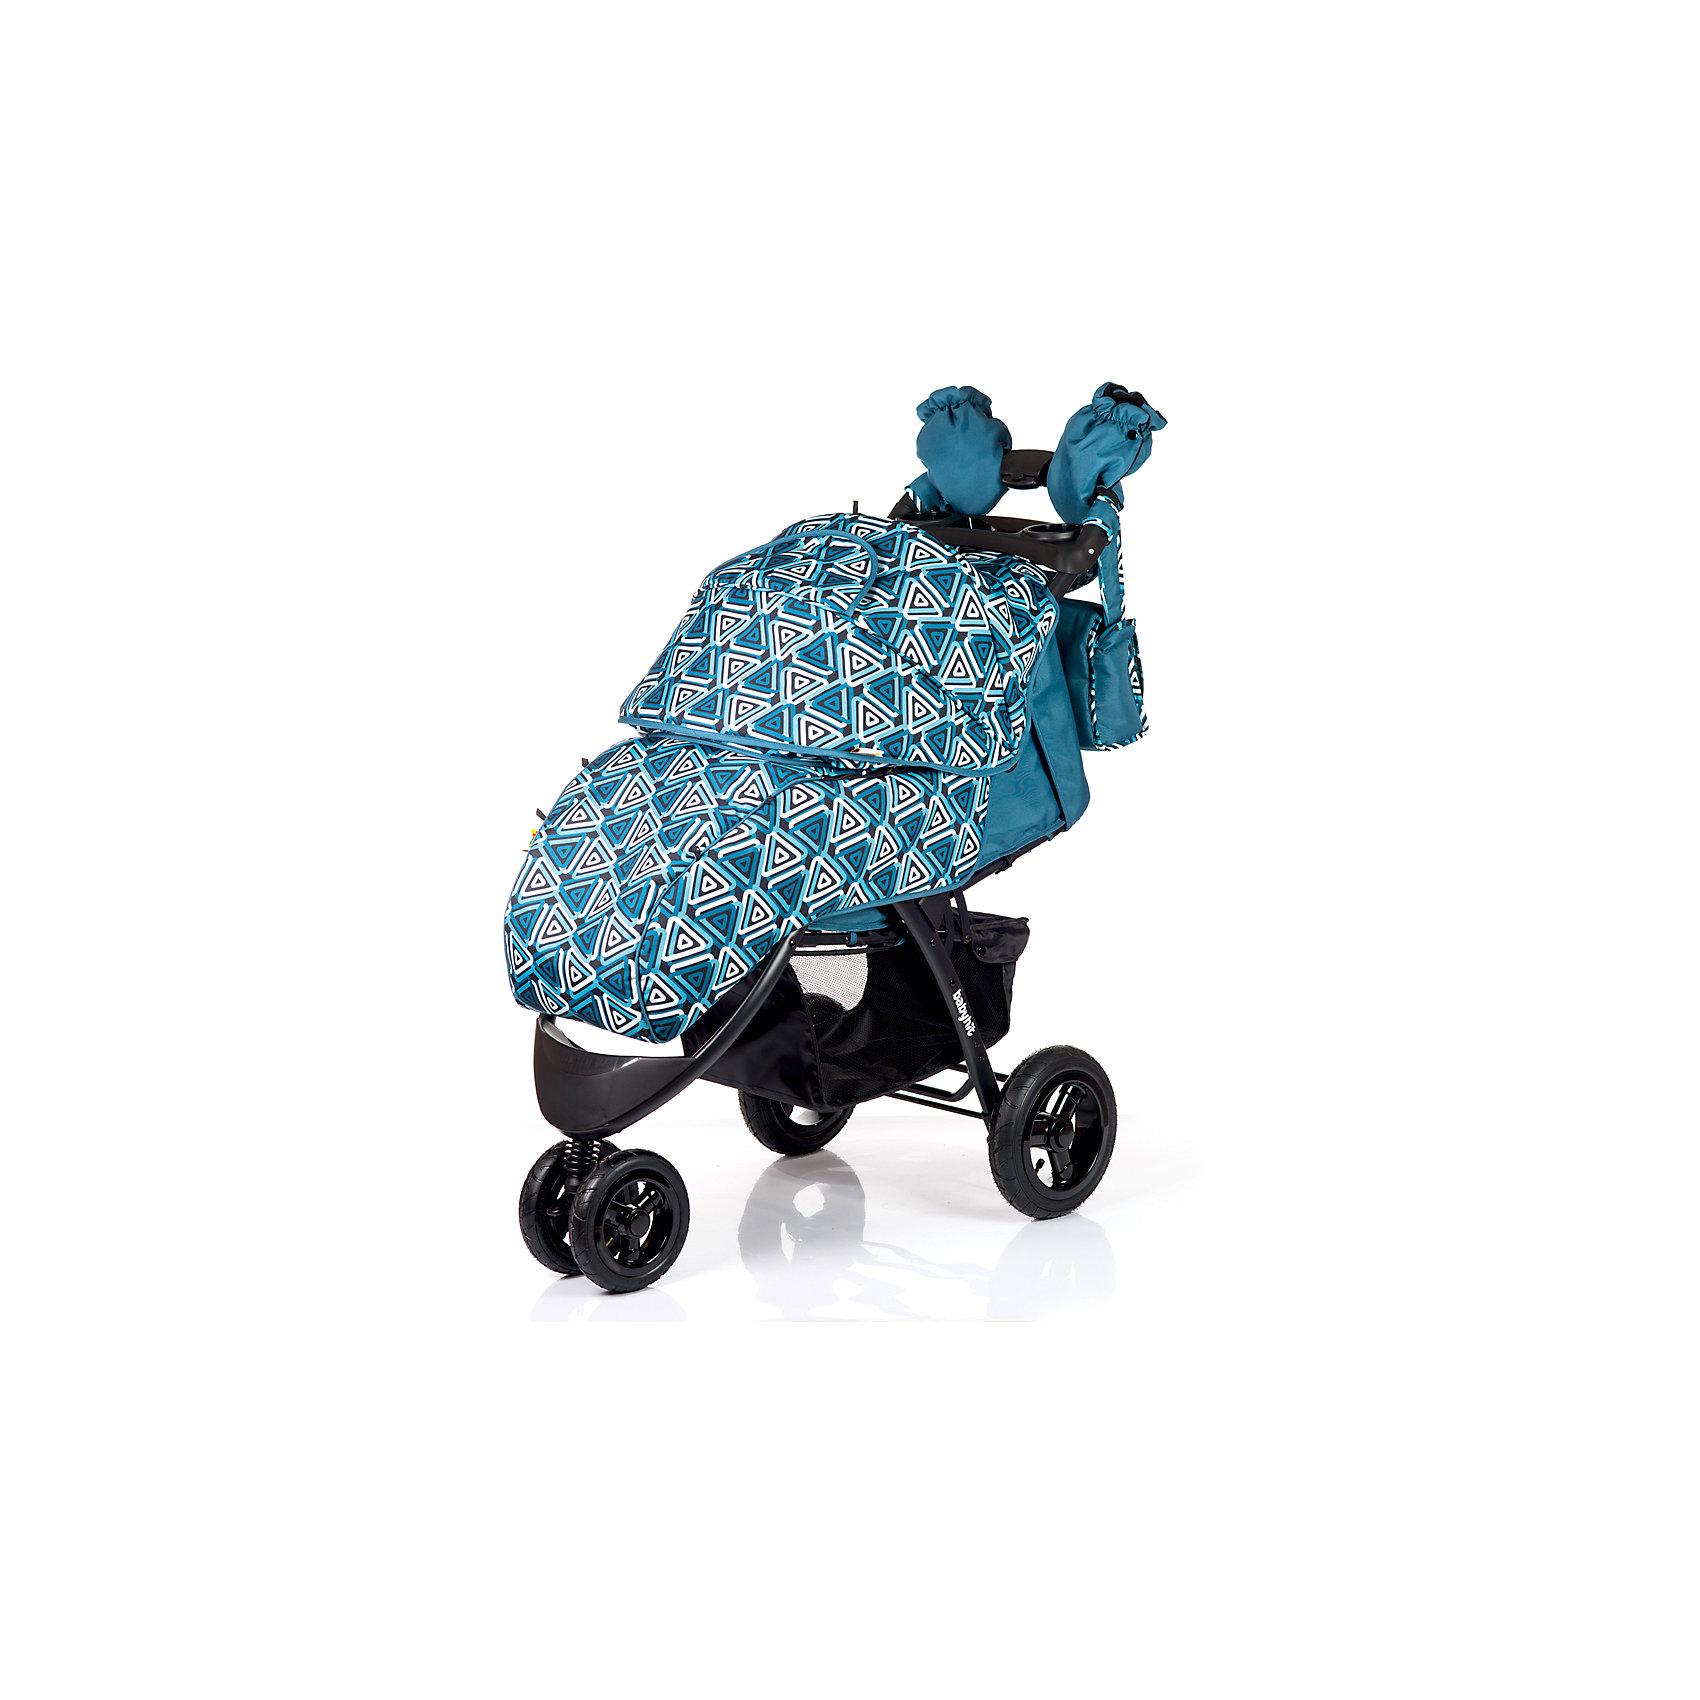 Прогулочная коляска BabyHit VOYAGE AIR, синийПрогулочные коляски<br>Характеристики коляски<br><br>Прогулочный блок:<br><br>• горизонтальное положение спинки, угол наклона 170 градусов;<br>• подножка регулируется и удлиняет спальное место;<br>• 5-ти точечные ремни безопасности;<br>• съемный защитный бампер с паховым ограничителем;<br>• столик с подстаканниками и бардачком на ручке;<br>• капюшон-батискаф, опускается до бамера;<br>• калюшон оснащен солнцезащитным козырьком и смотровым окошком;<br>• пластиковая подножка для подросшего малыша;<br>• материал: пластик, полиэстер;<br>• длина спального места: 89 см;<br>• ширина сиденья: 34 см<br>• высота спинки: 40 см;<br>• глубина сиденья: 25 см.<br><br>Рама коляски:<br><br>• коляска складывается вместе с прогулочным блоком по типу книжки;<br>• легко складывается одной рукой;<br>• коляска в сложенном виде стоит в вертикальном положении;<br>• имеется корзина для покупок;<br>• 3-х колесная коляска;<br>• колеса надувные;<br>• плавающее переднее колесо с фиксаторами;<br>• задние надувные колеса;<br>• диаметр колес: 19,5 см, 26 см;<br>• материал колес: псевдорезина;<br>• материал рамы: алюминий.<br><br>Размер коляски: 103х57х108 см<br>Размер коляски в сложенном виде: 100х57х34 см<br>Вес коляски: 13,1 кг<br>Размер упаковки: 51х48х30 см<br>Вес в упаковке: 16,8 кг<br><br>Дополнительные аксессуары, входящие в комплект:<br><br>• чехол на ножки;<br>• дождевик;<br>• москитная сетка;<br>• сумка для мамы;<br>• муфта для рук;<br>• инструкция.<br><br>Прогулочную коляску VOYAGE AIR, Babyhit, синюю можно купить в нашем интернет-магазине.<br><br>Ширина мм: 480<br>Глубина мм: 300<br>Высота мм: 510<br>Вес г: 16850<br>Возраст от месяцев: 7<br>Возраст до месяцев: 36<br>Пол: Унисекс<br>Возраст: Детский<br>SKU: 5500321